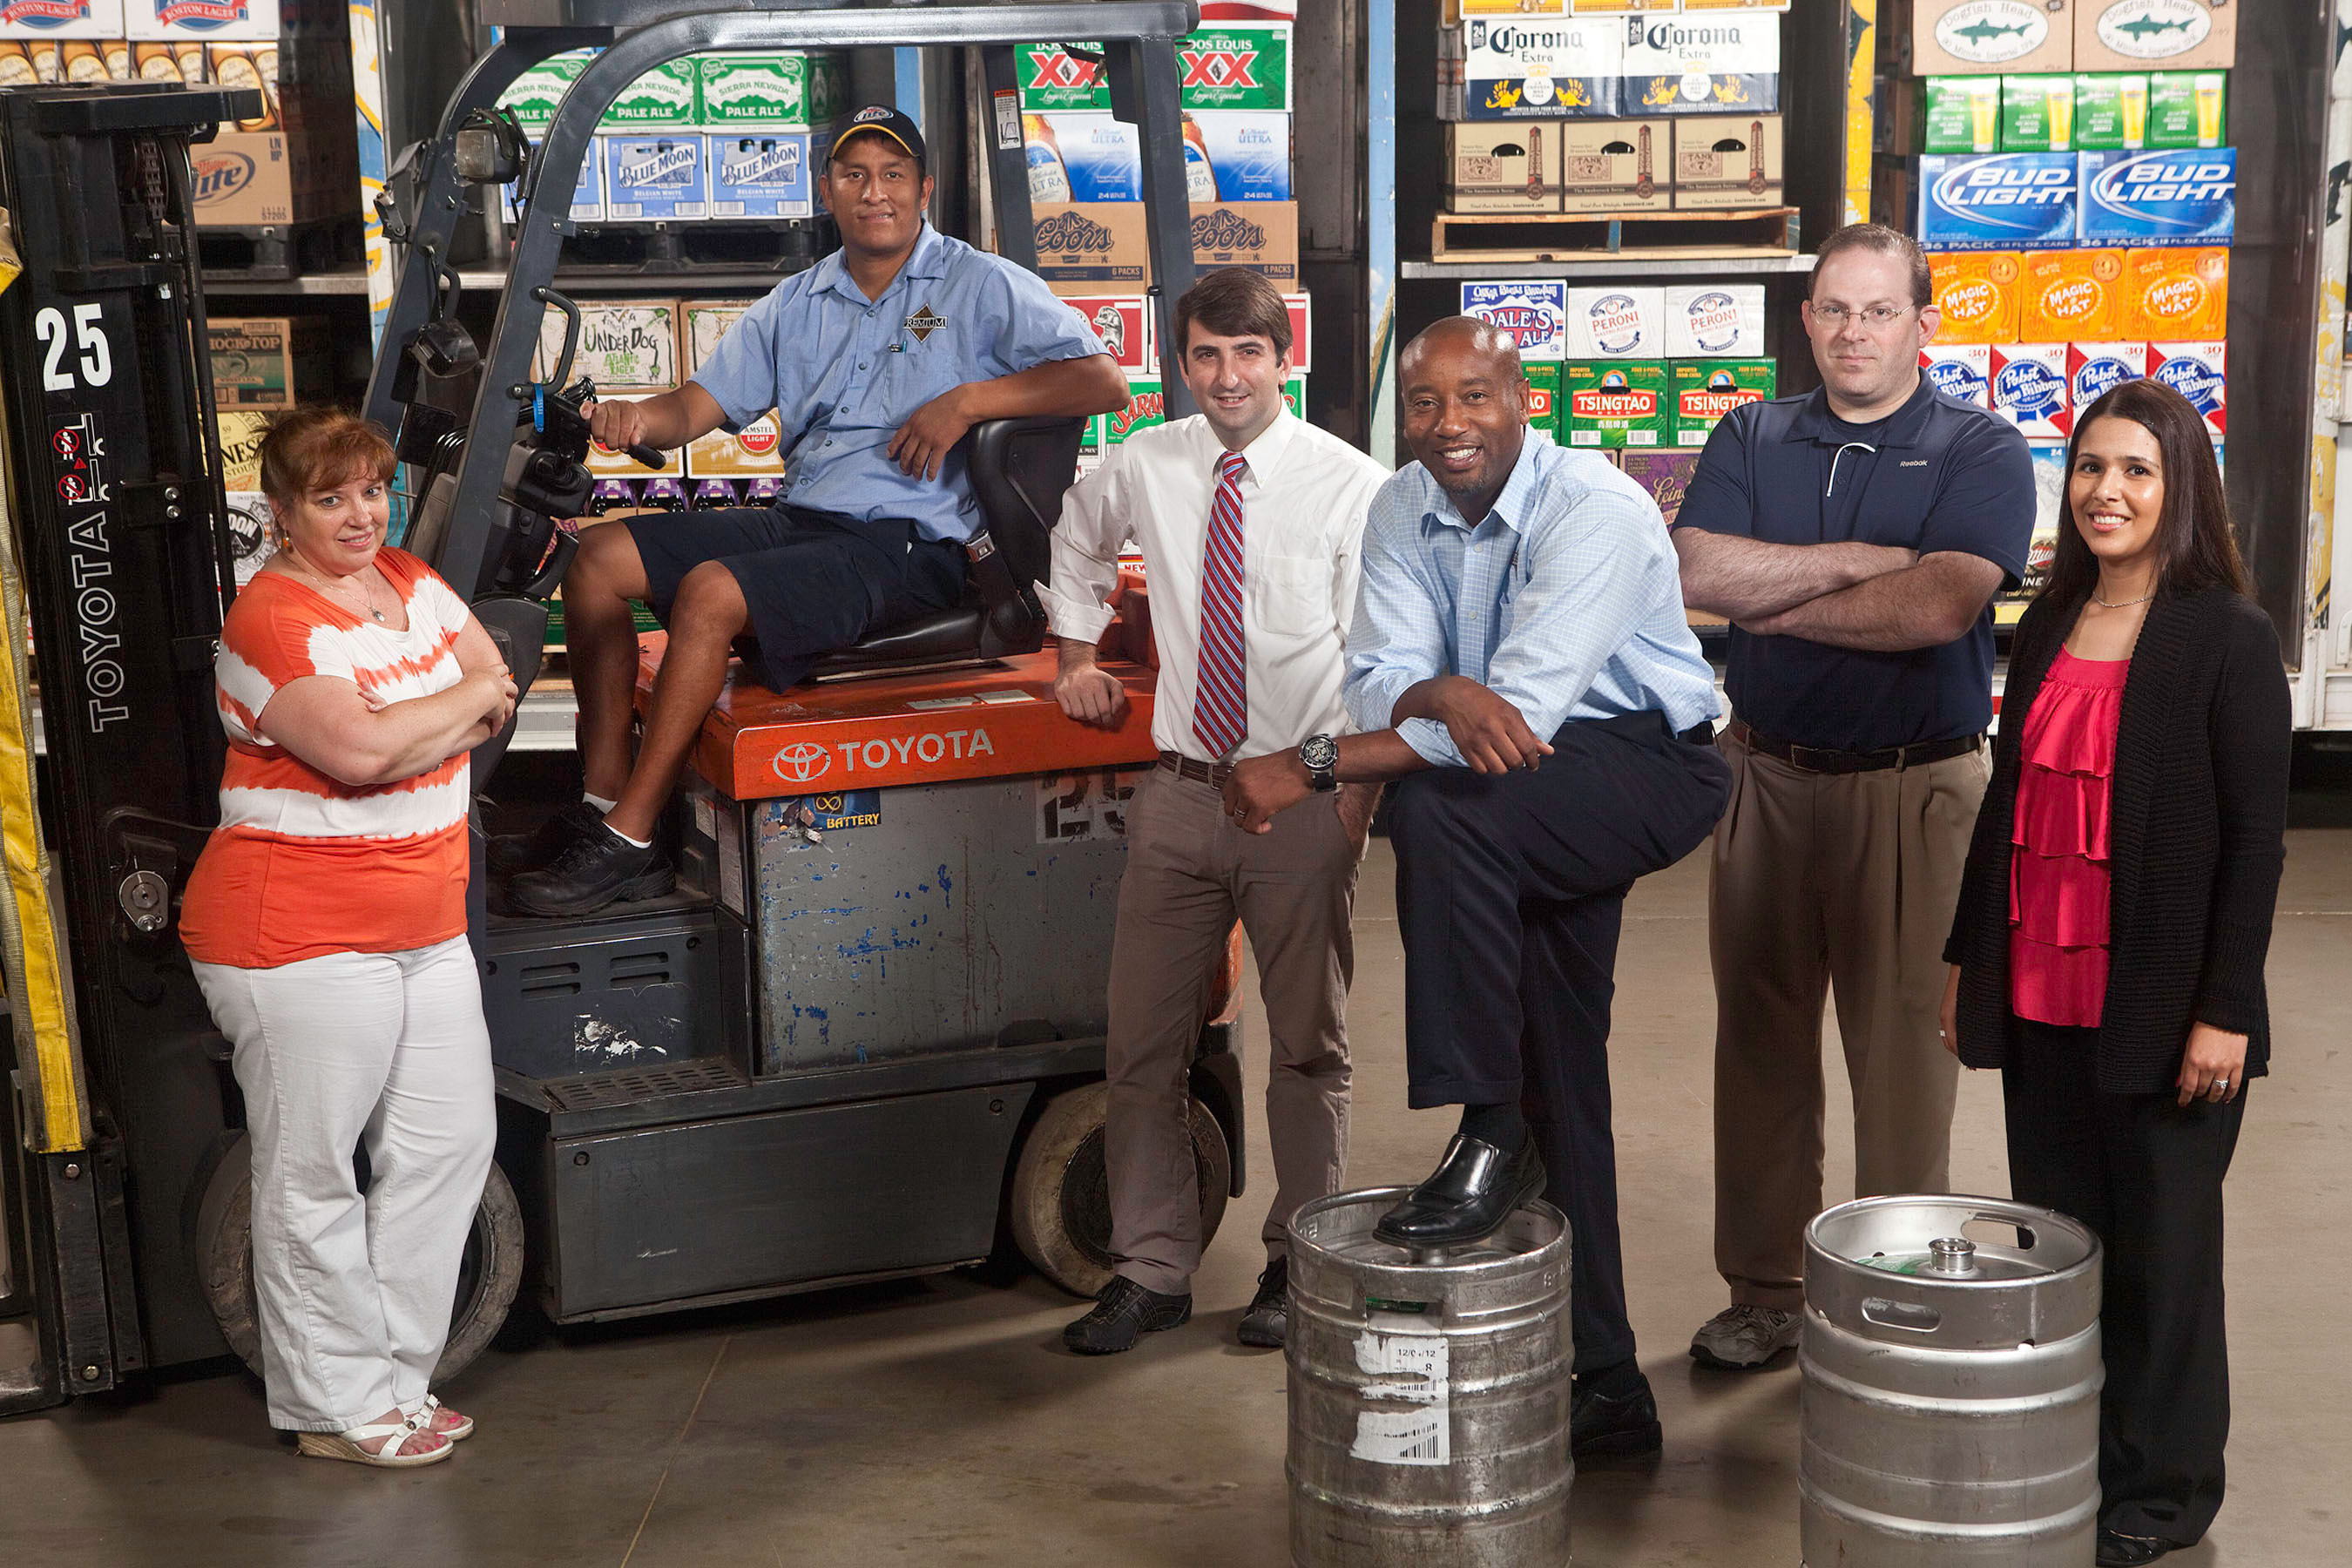 Connecticut Beer Distributors Generate 1,084 Direct Jobs